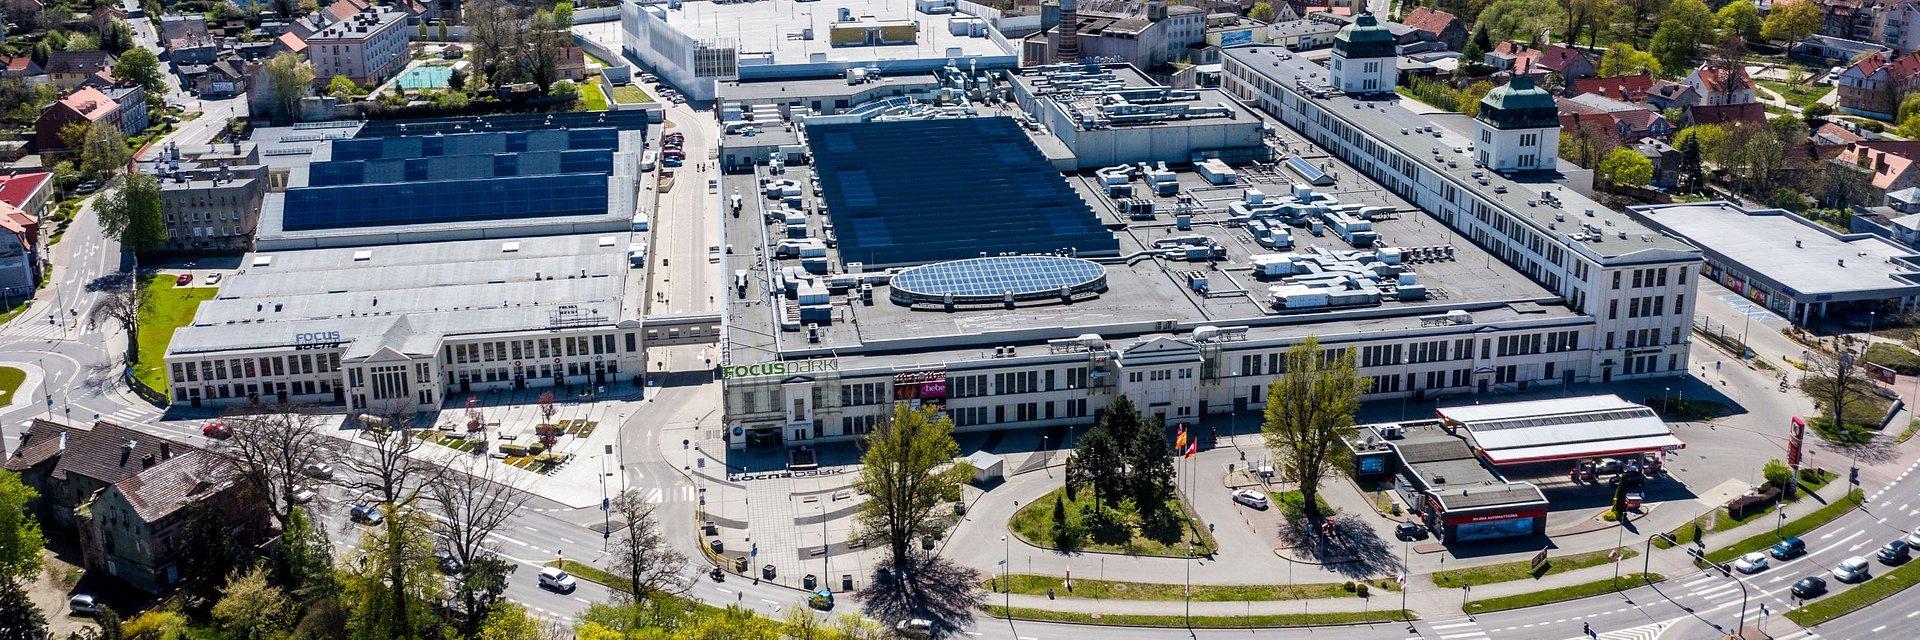 Już wkrótce nowy salon House i większe MOHITO w Focus Mall Zielona Góra